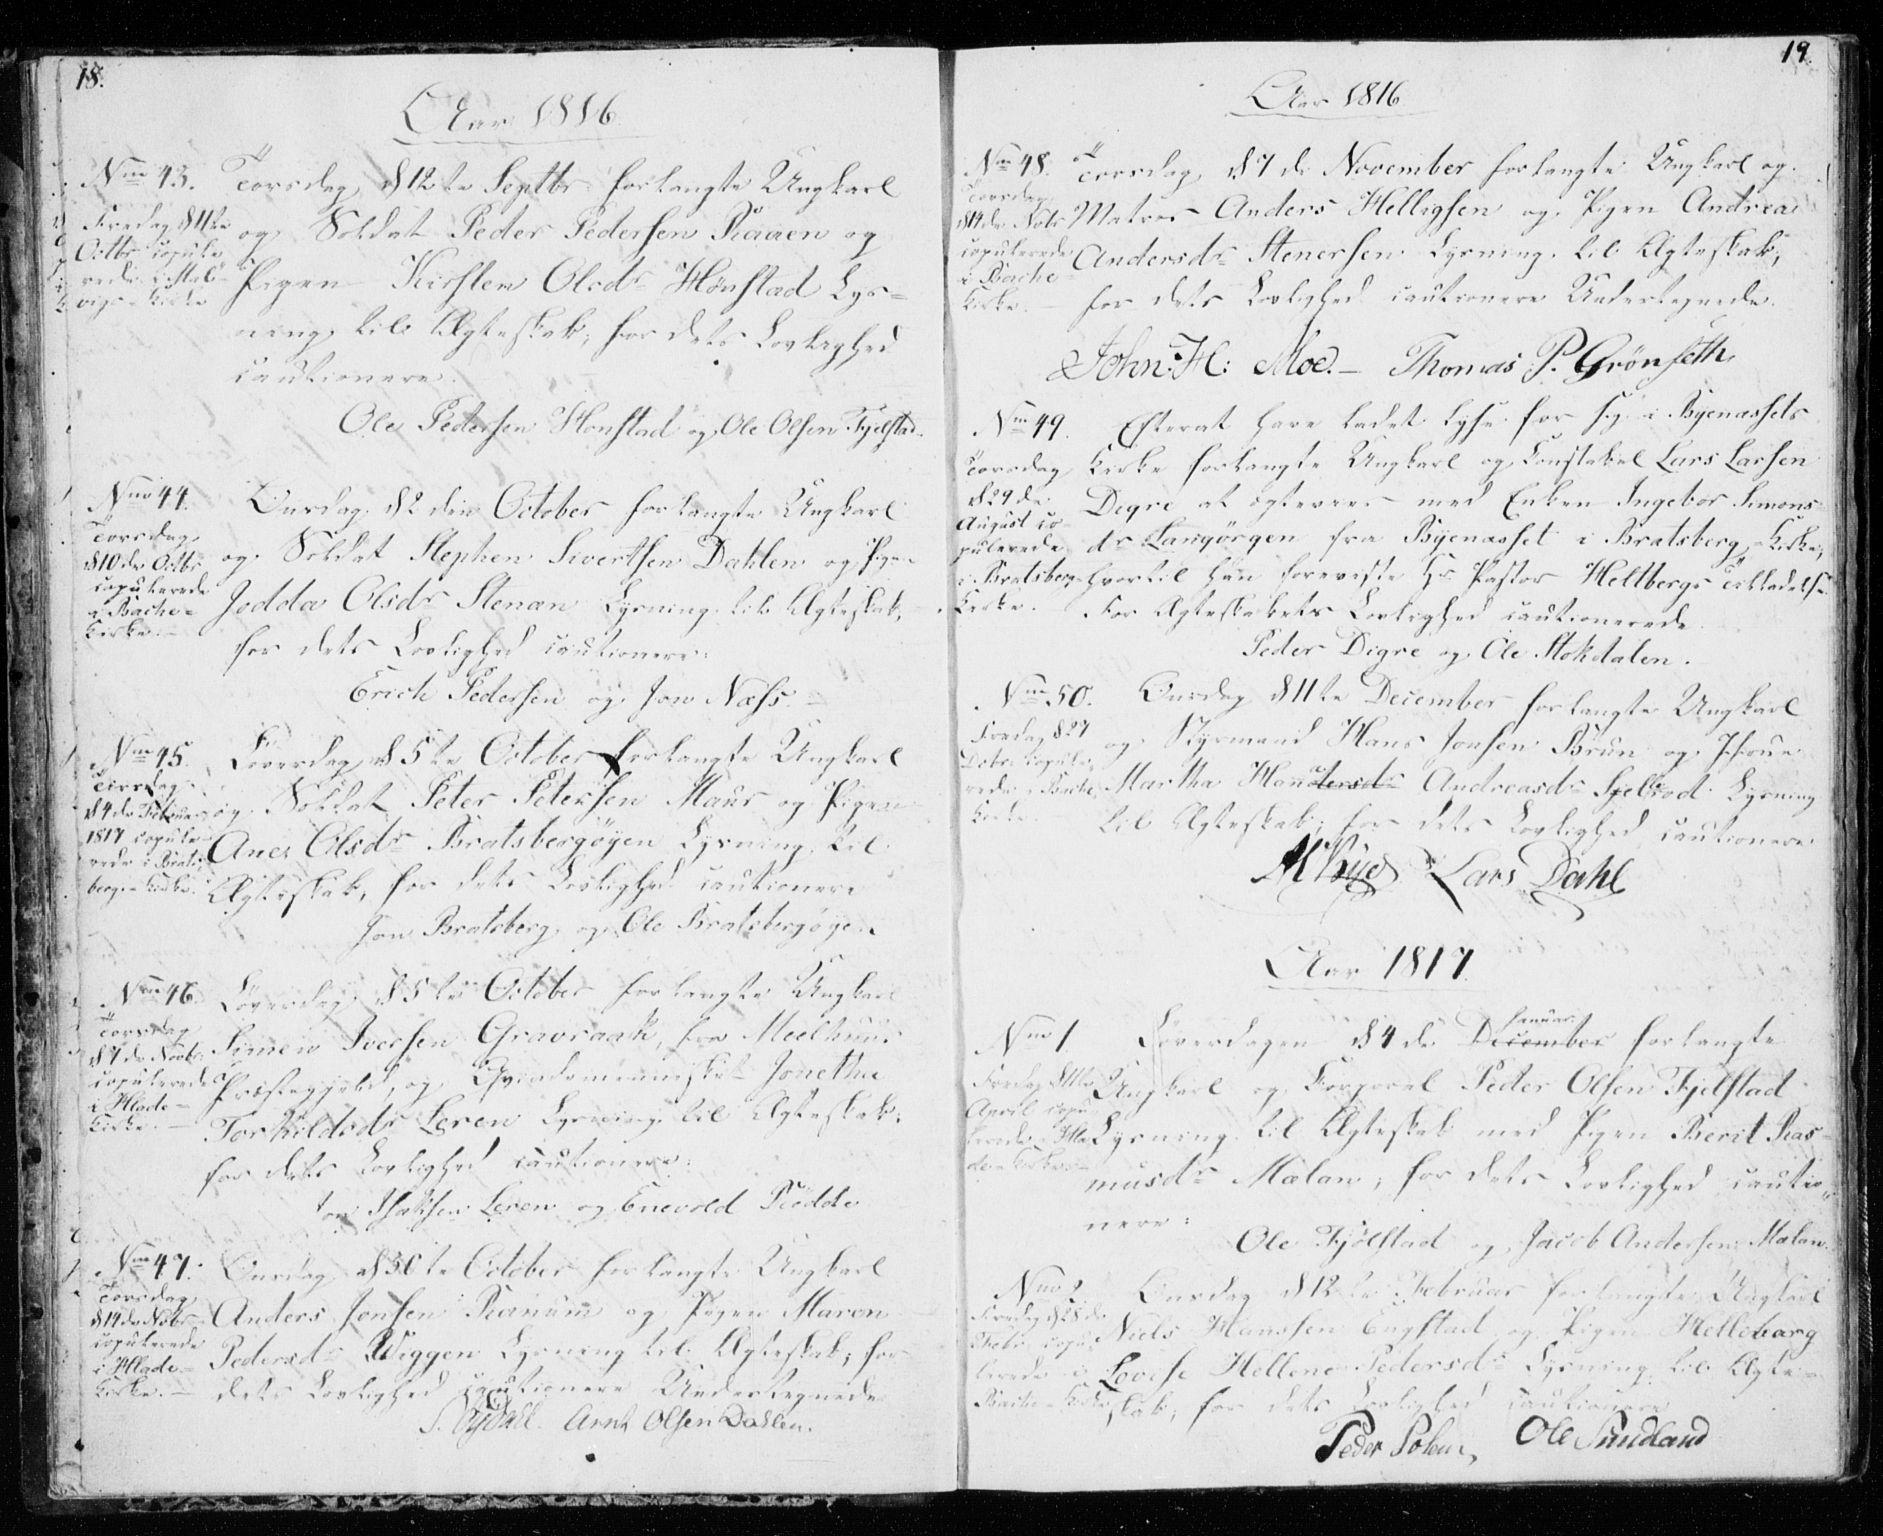 SAT, Ministerialprotokoller, klokkerbøker og fødselsregistre - Sør-Trøndelag, 606/L0295: Lysningsprotokoll nr. 606A10, 1815-1833, s. 18-19